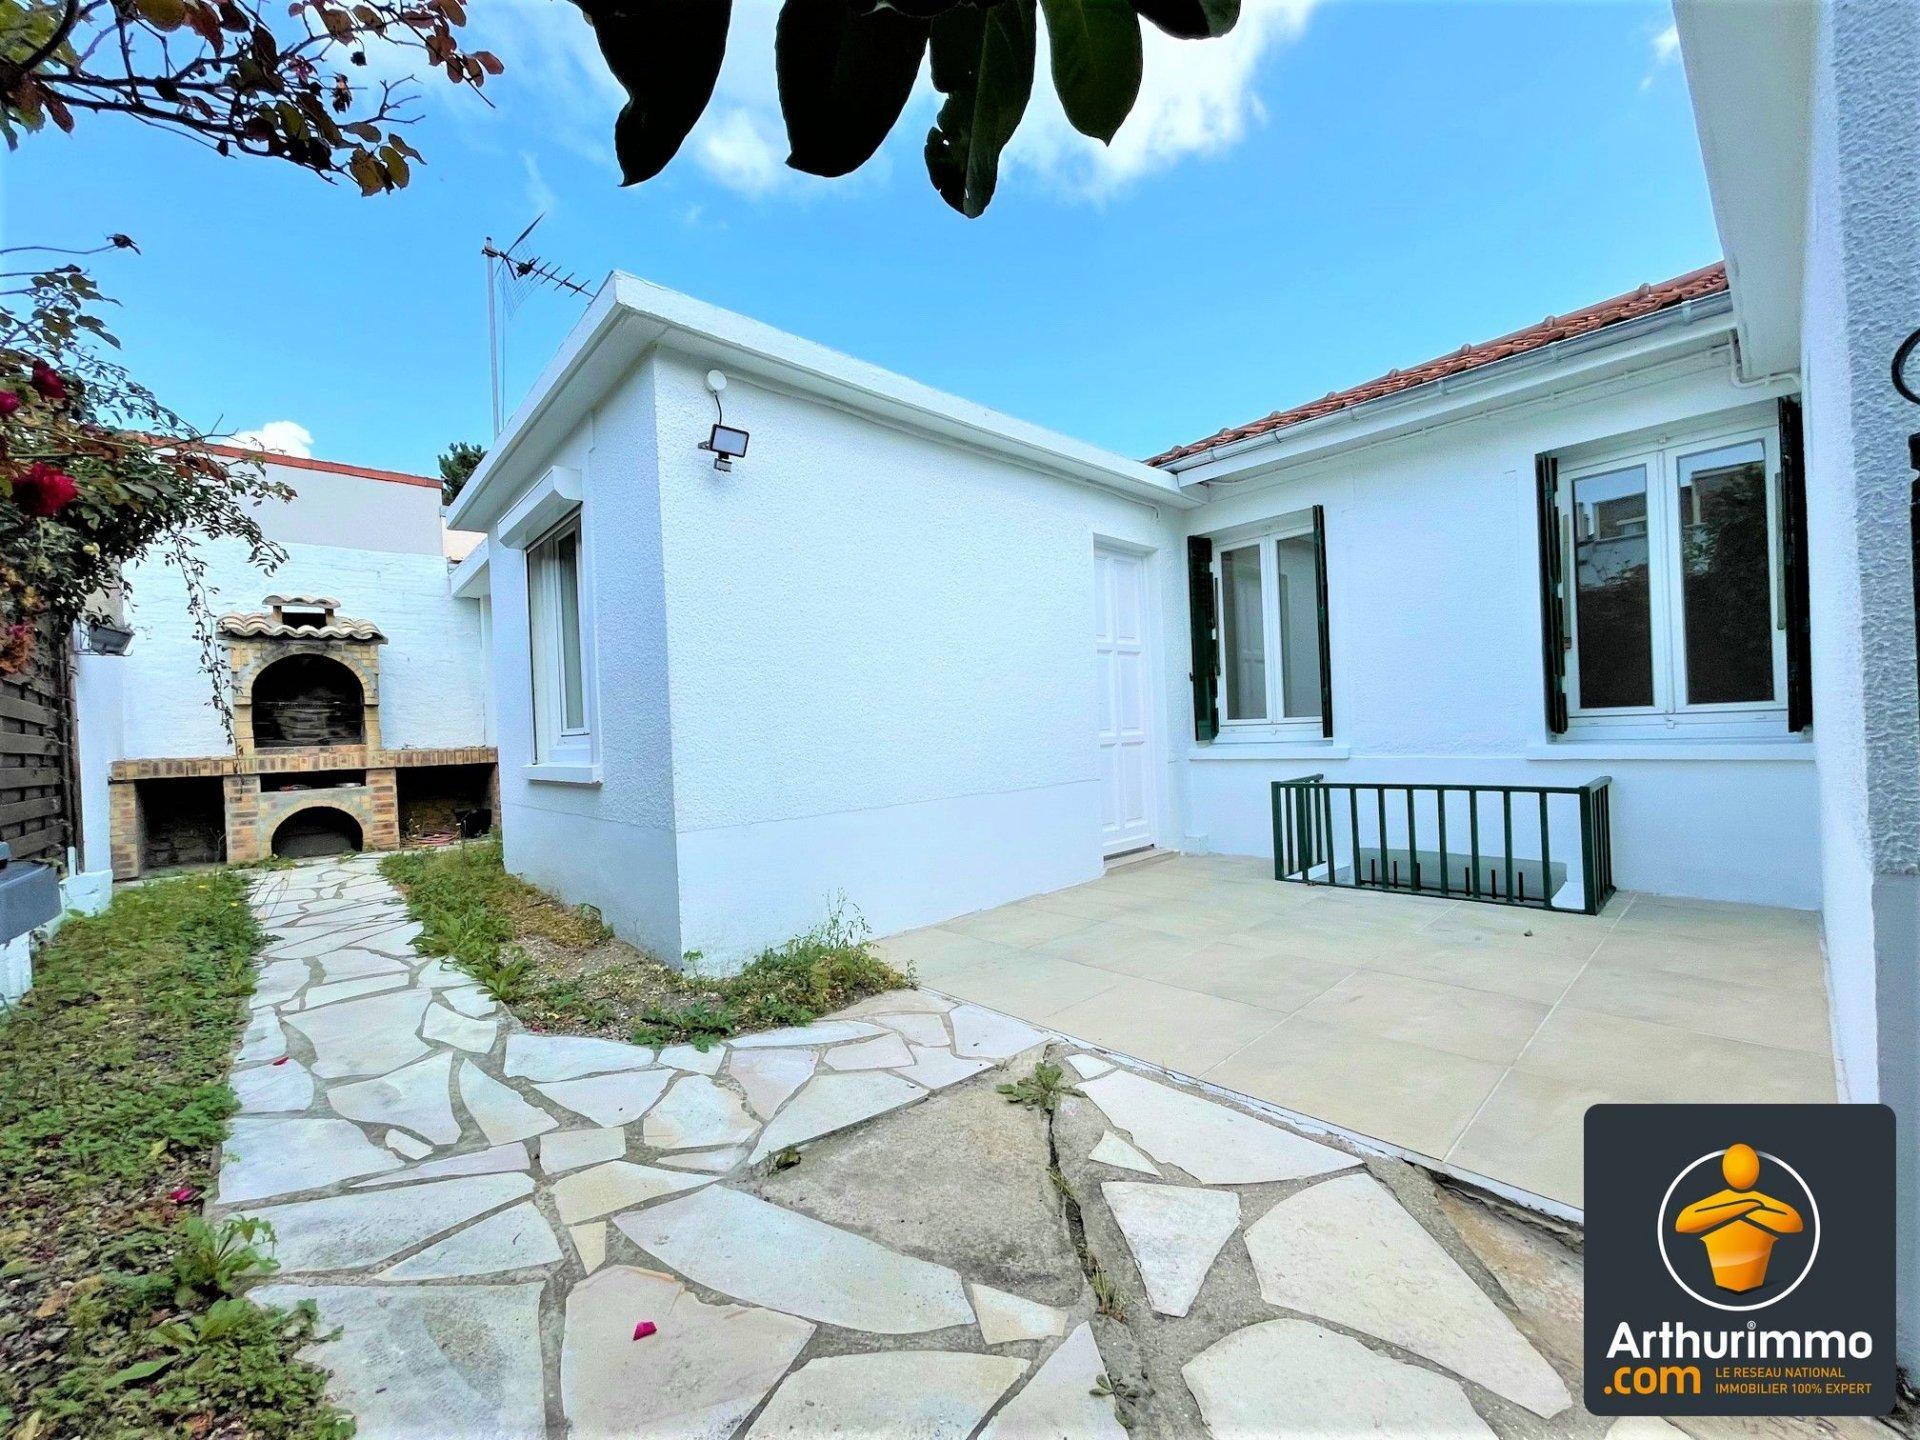 Maison a vendre nanterre - 4 pièce(s) - 72.48 m2 - Surfyn